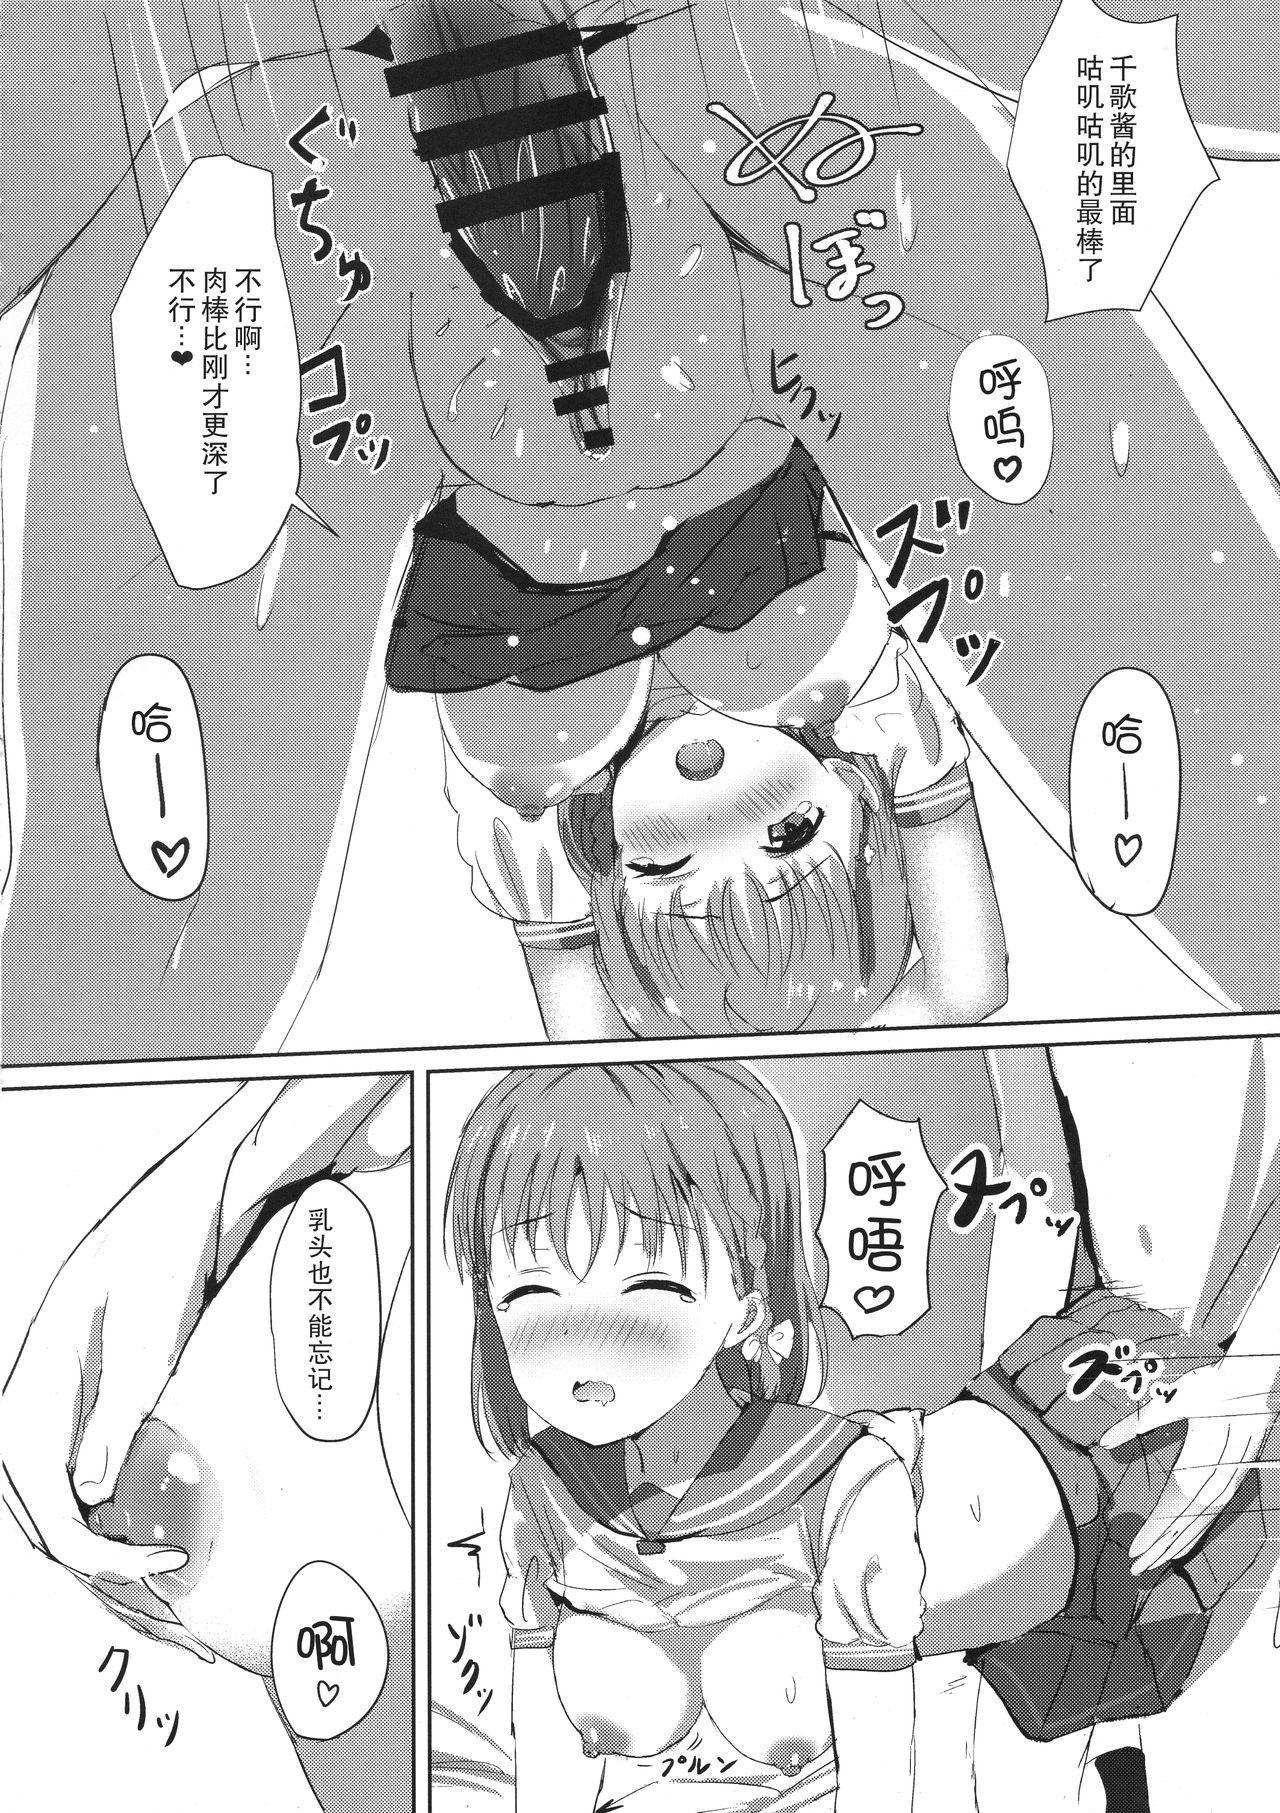 Mikaniro no Yado 17